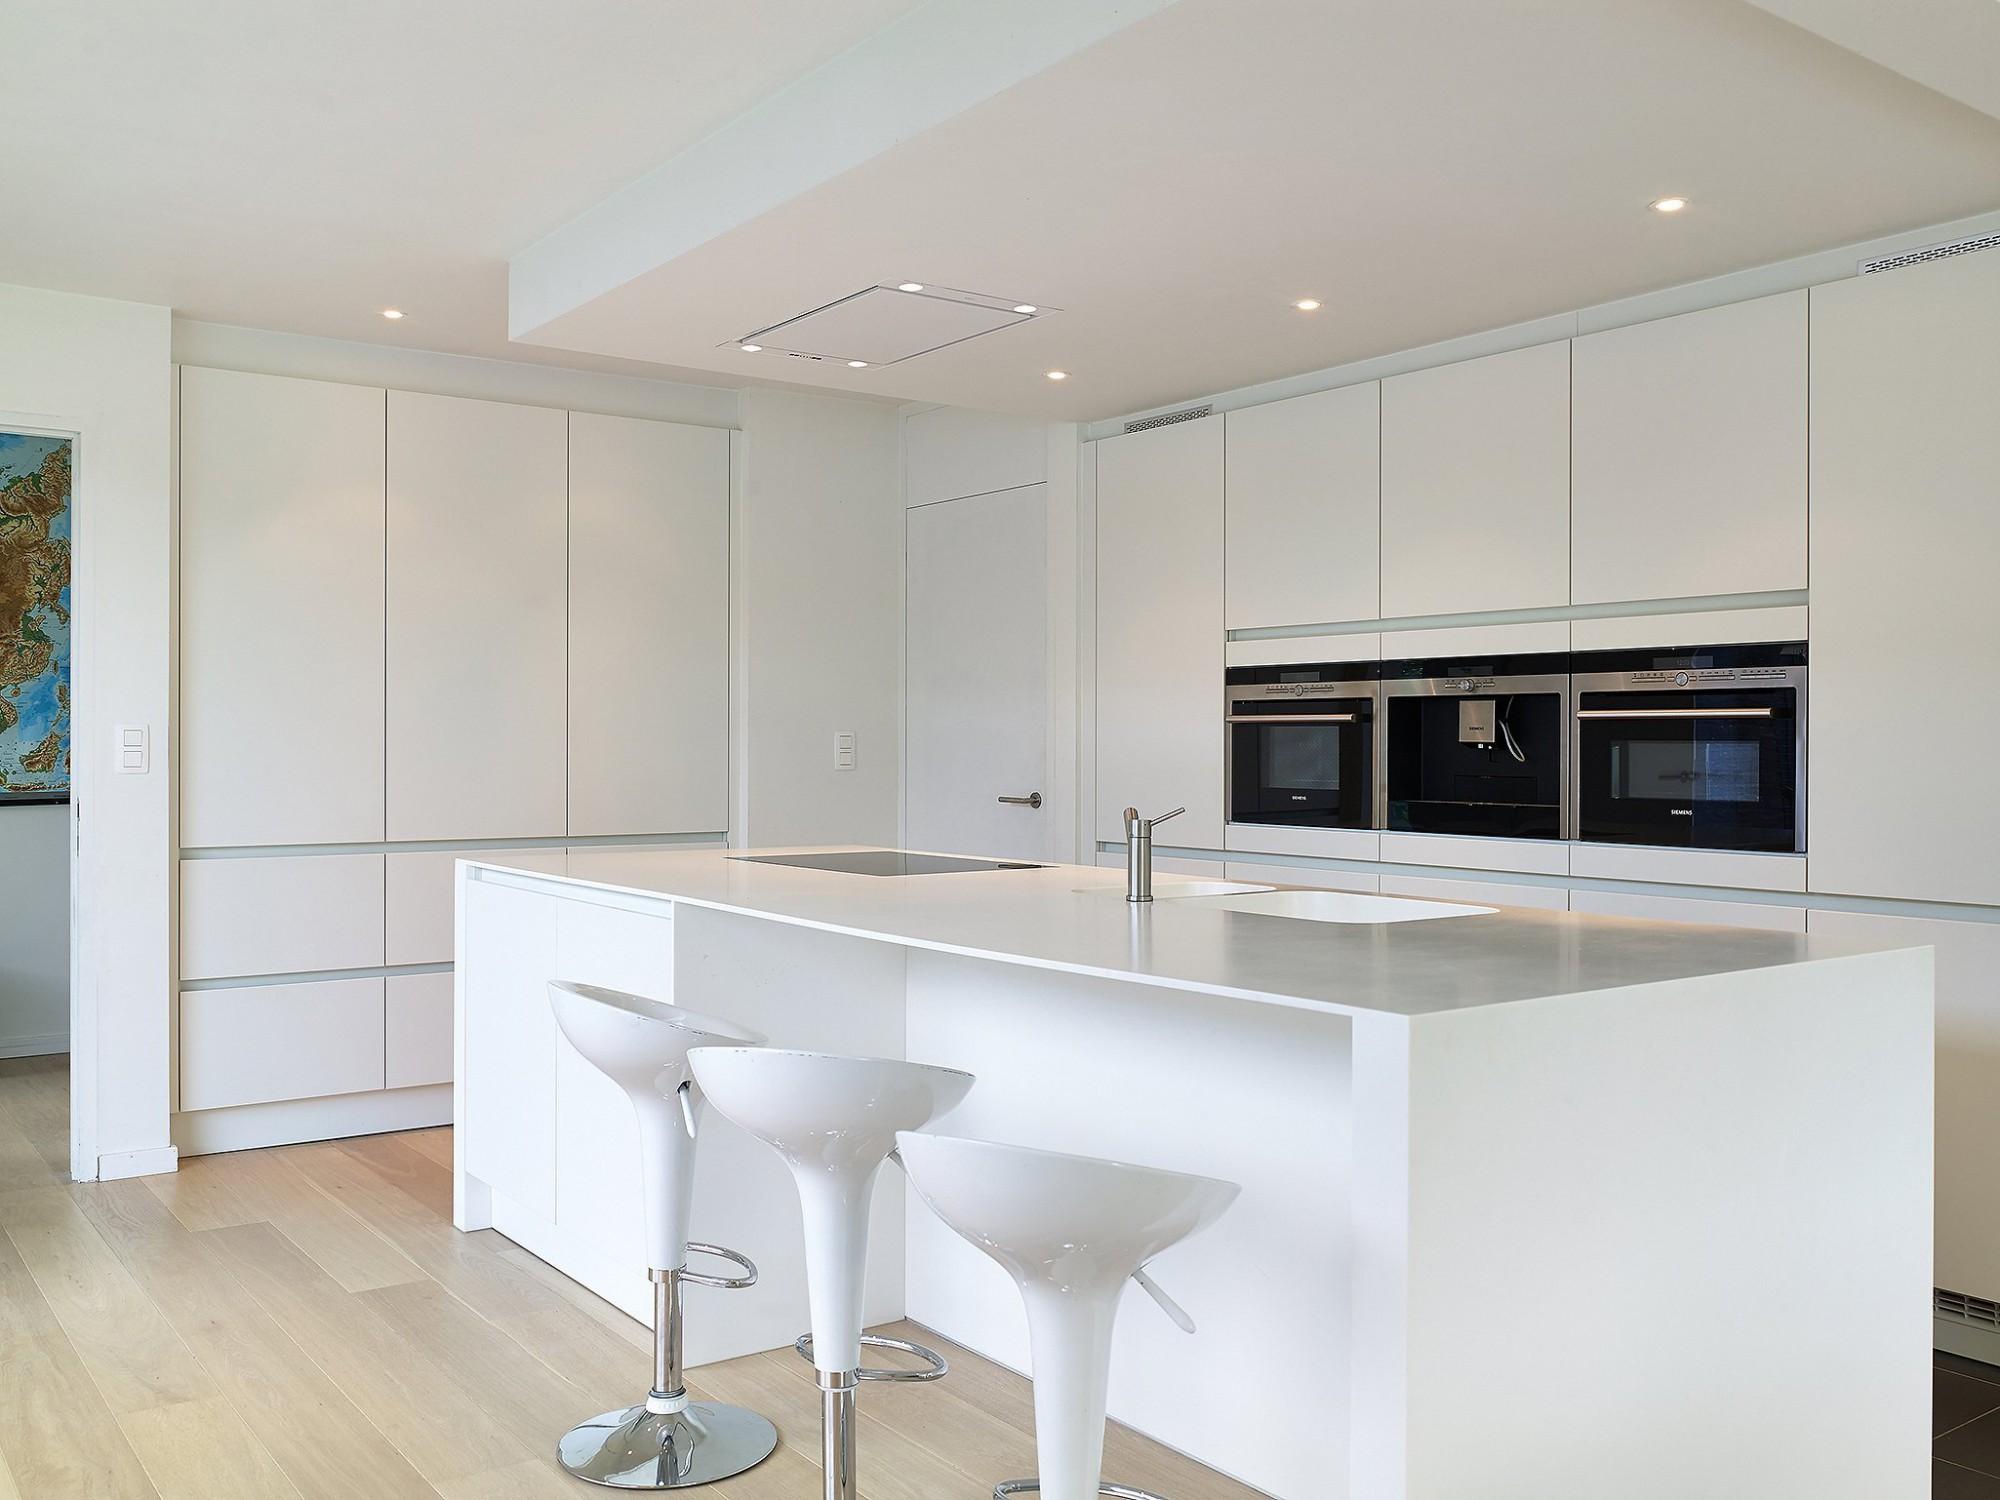 Afbeelding: Fotografie keuken modern te Herselt voor RDK.